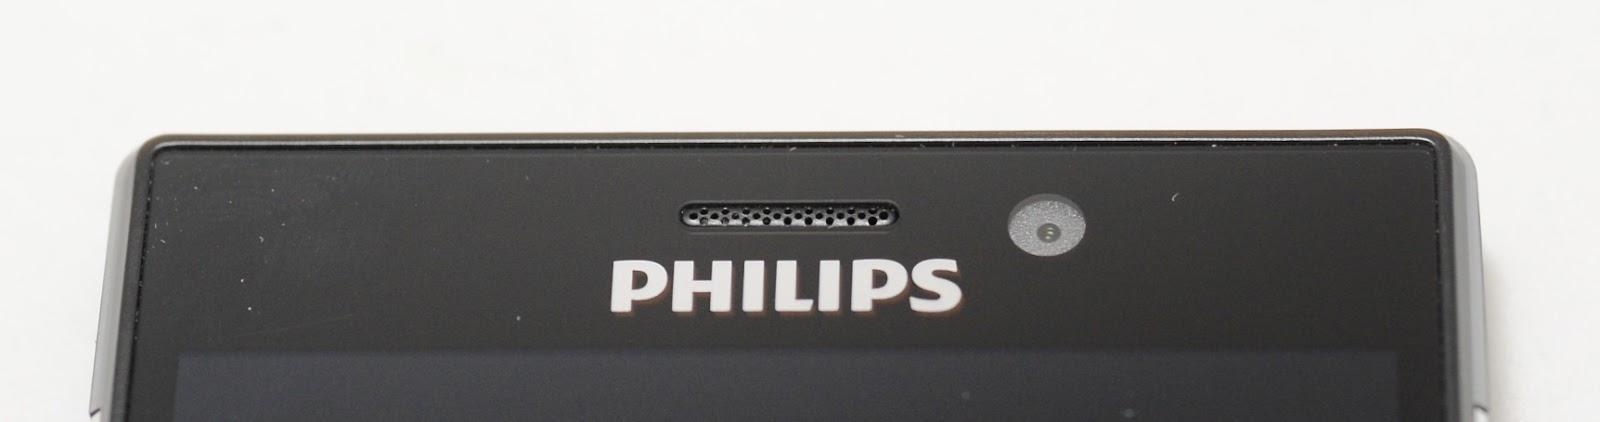 Обзор Philips Xenium V787: долгоиграющая рабочая лошадка - 3